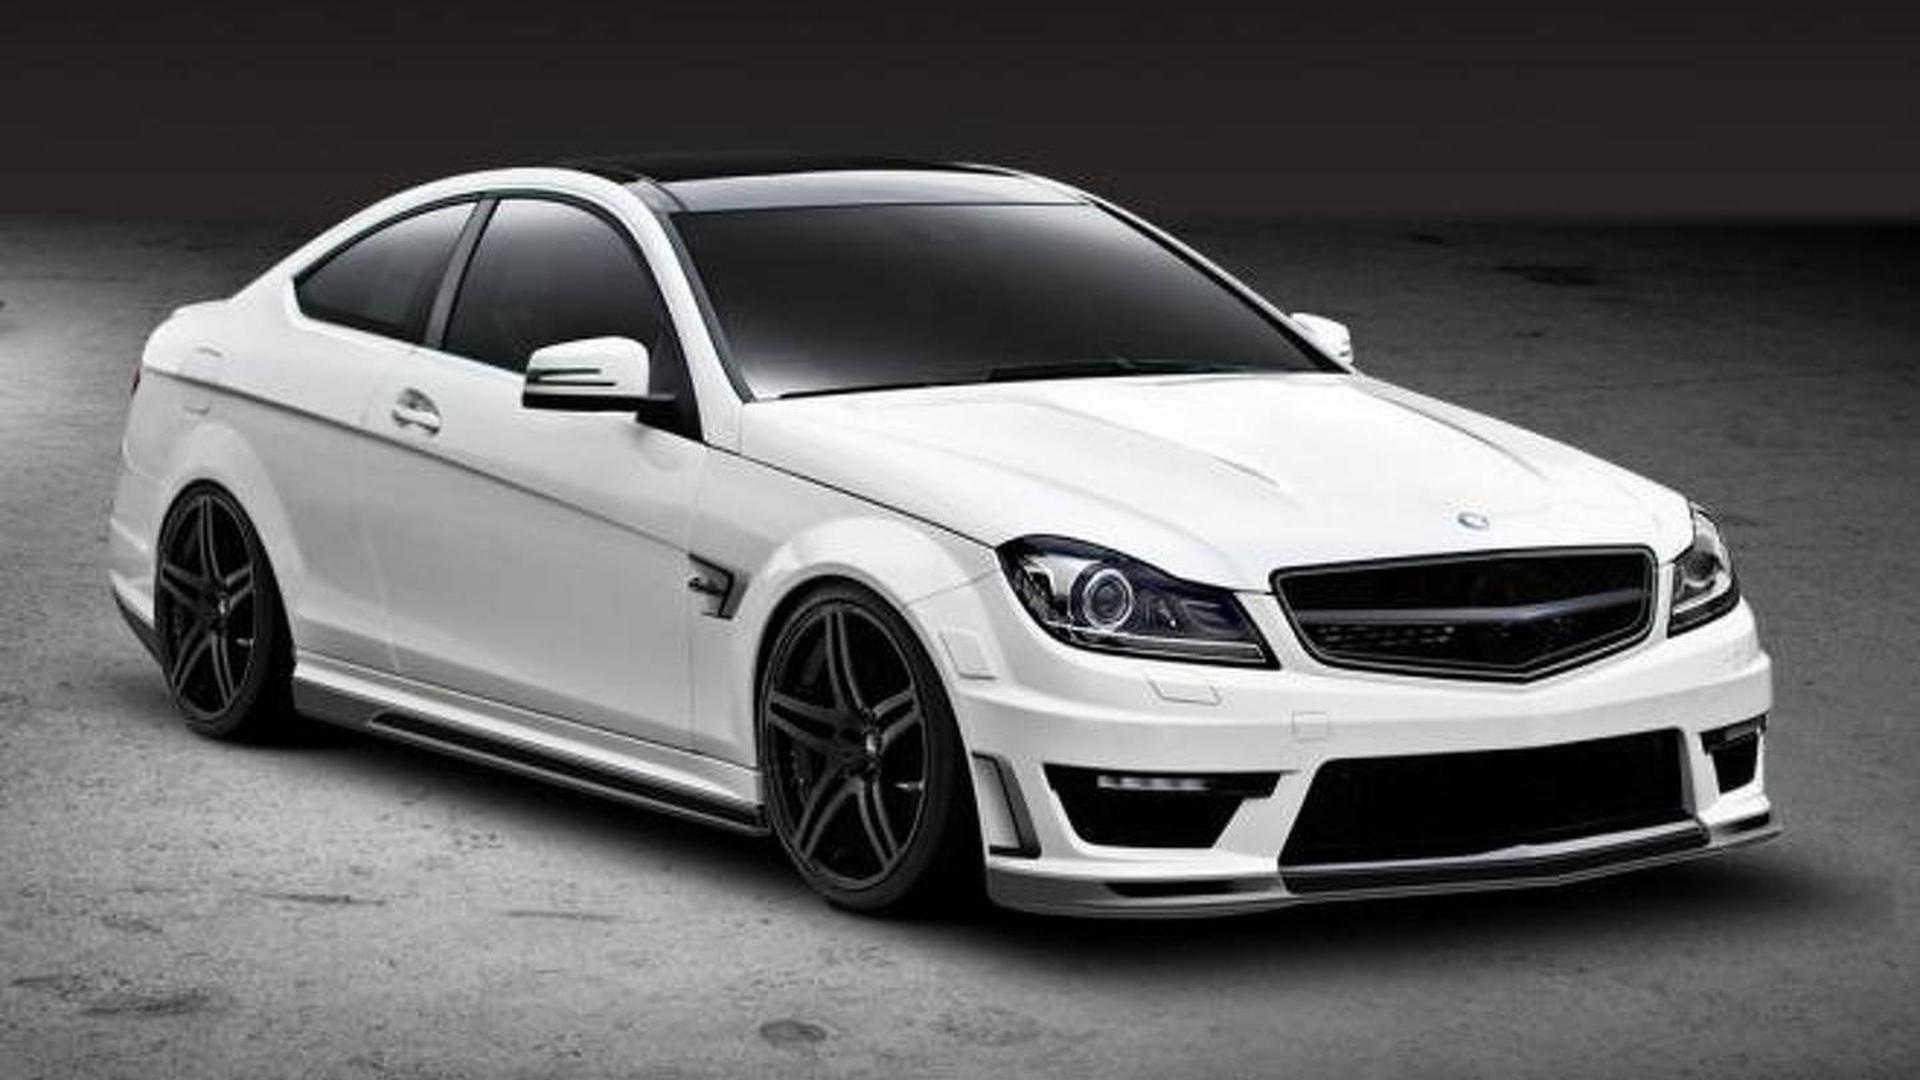 Superb Motor1.com